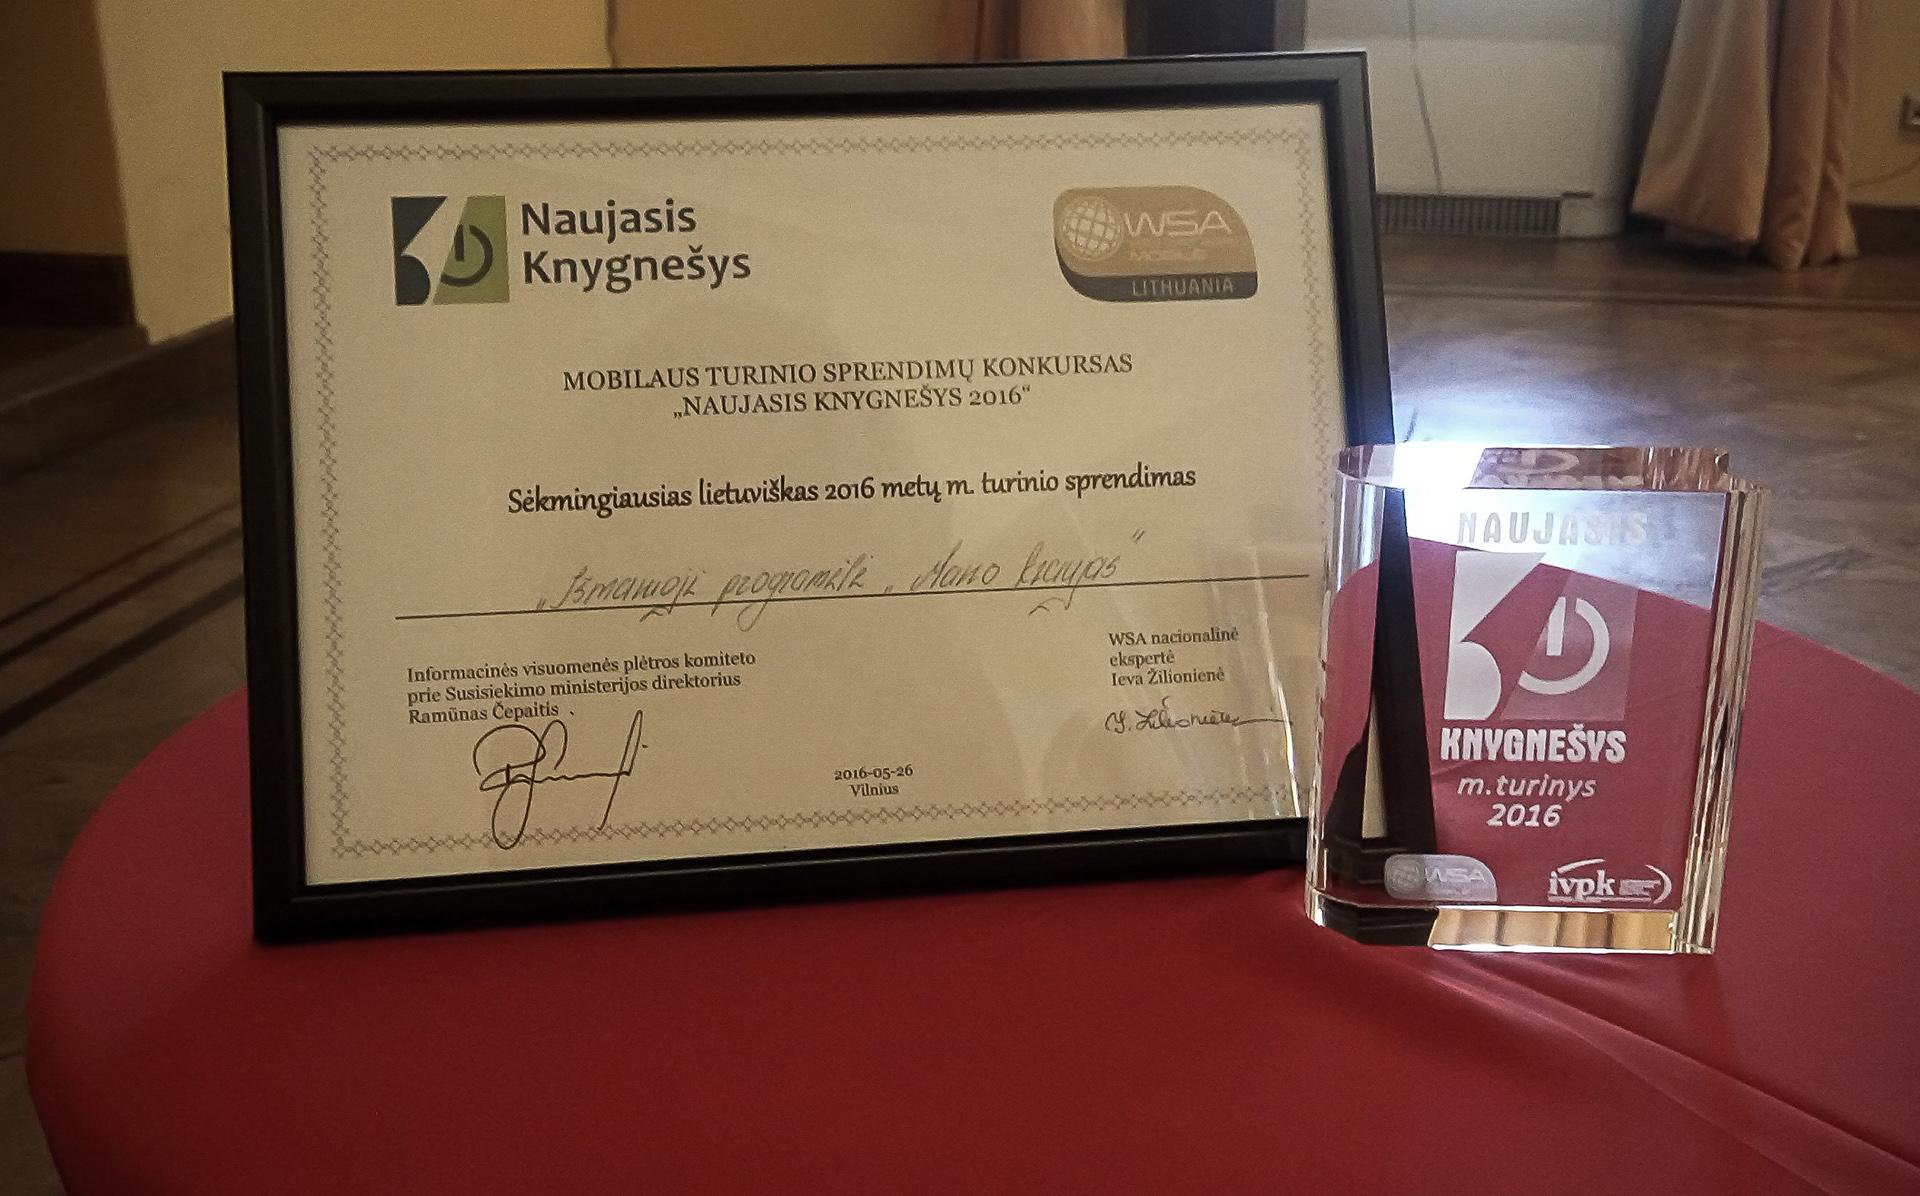 ismanioji-programele-mano-kraujas-pripazinta-sekmingiausiu-lietuvisku-2016-m-mobilaus-turinio-sprendimu